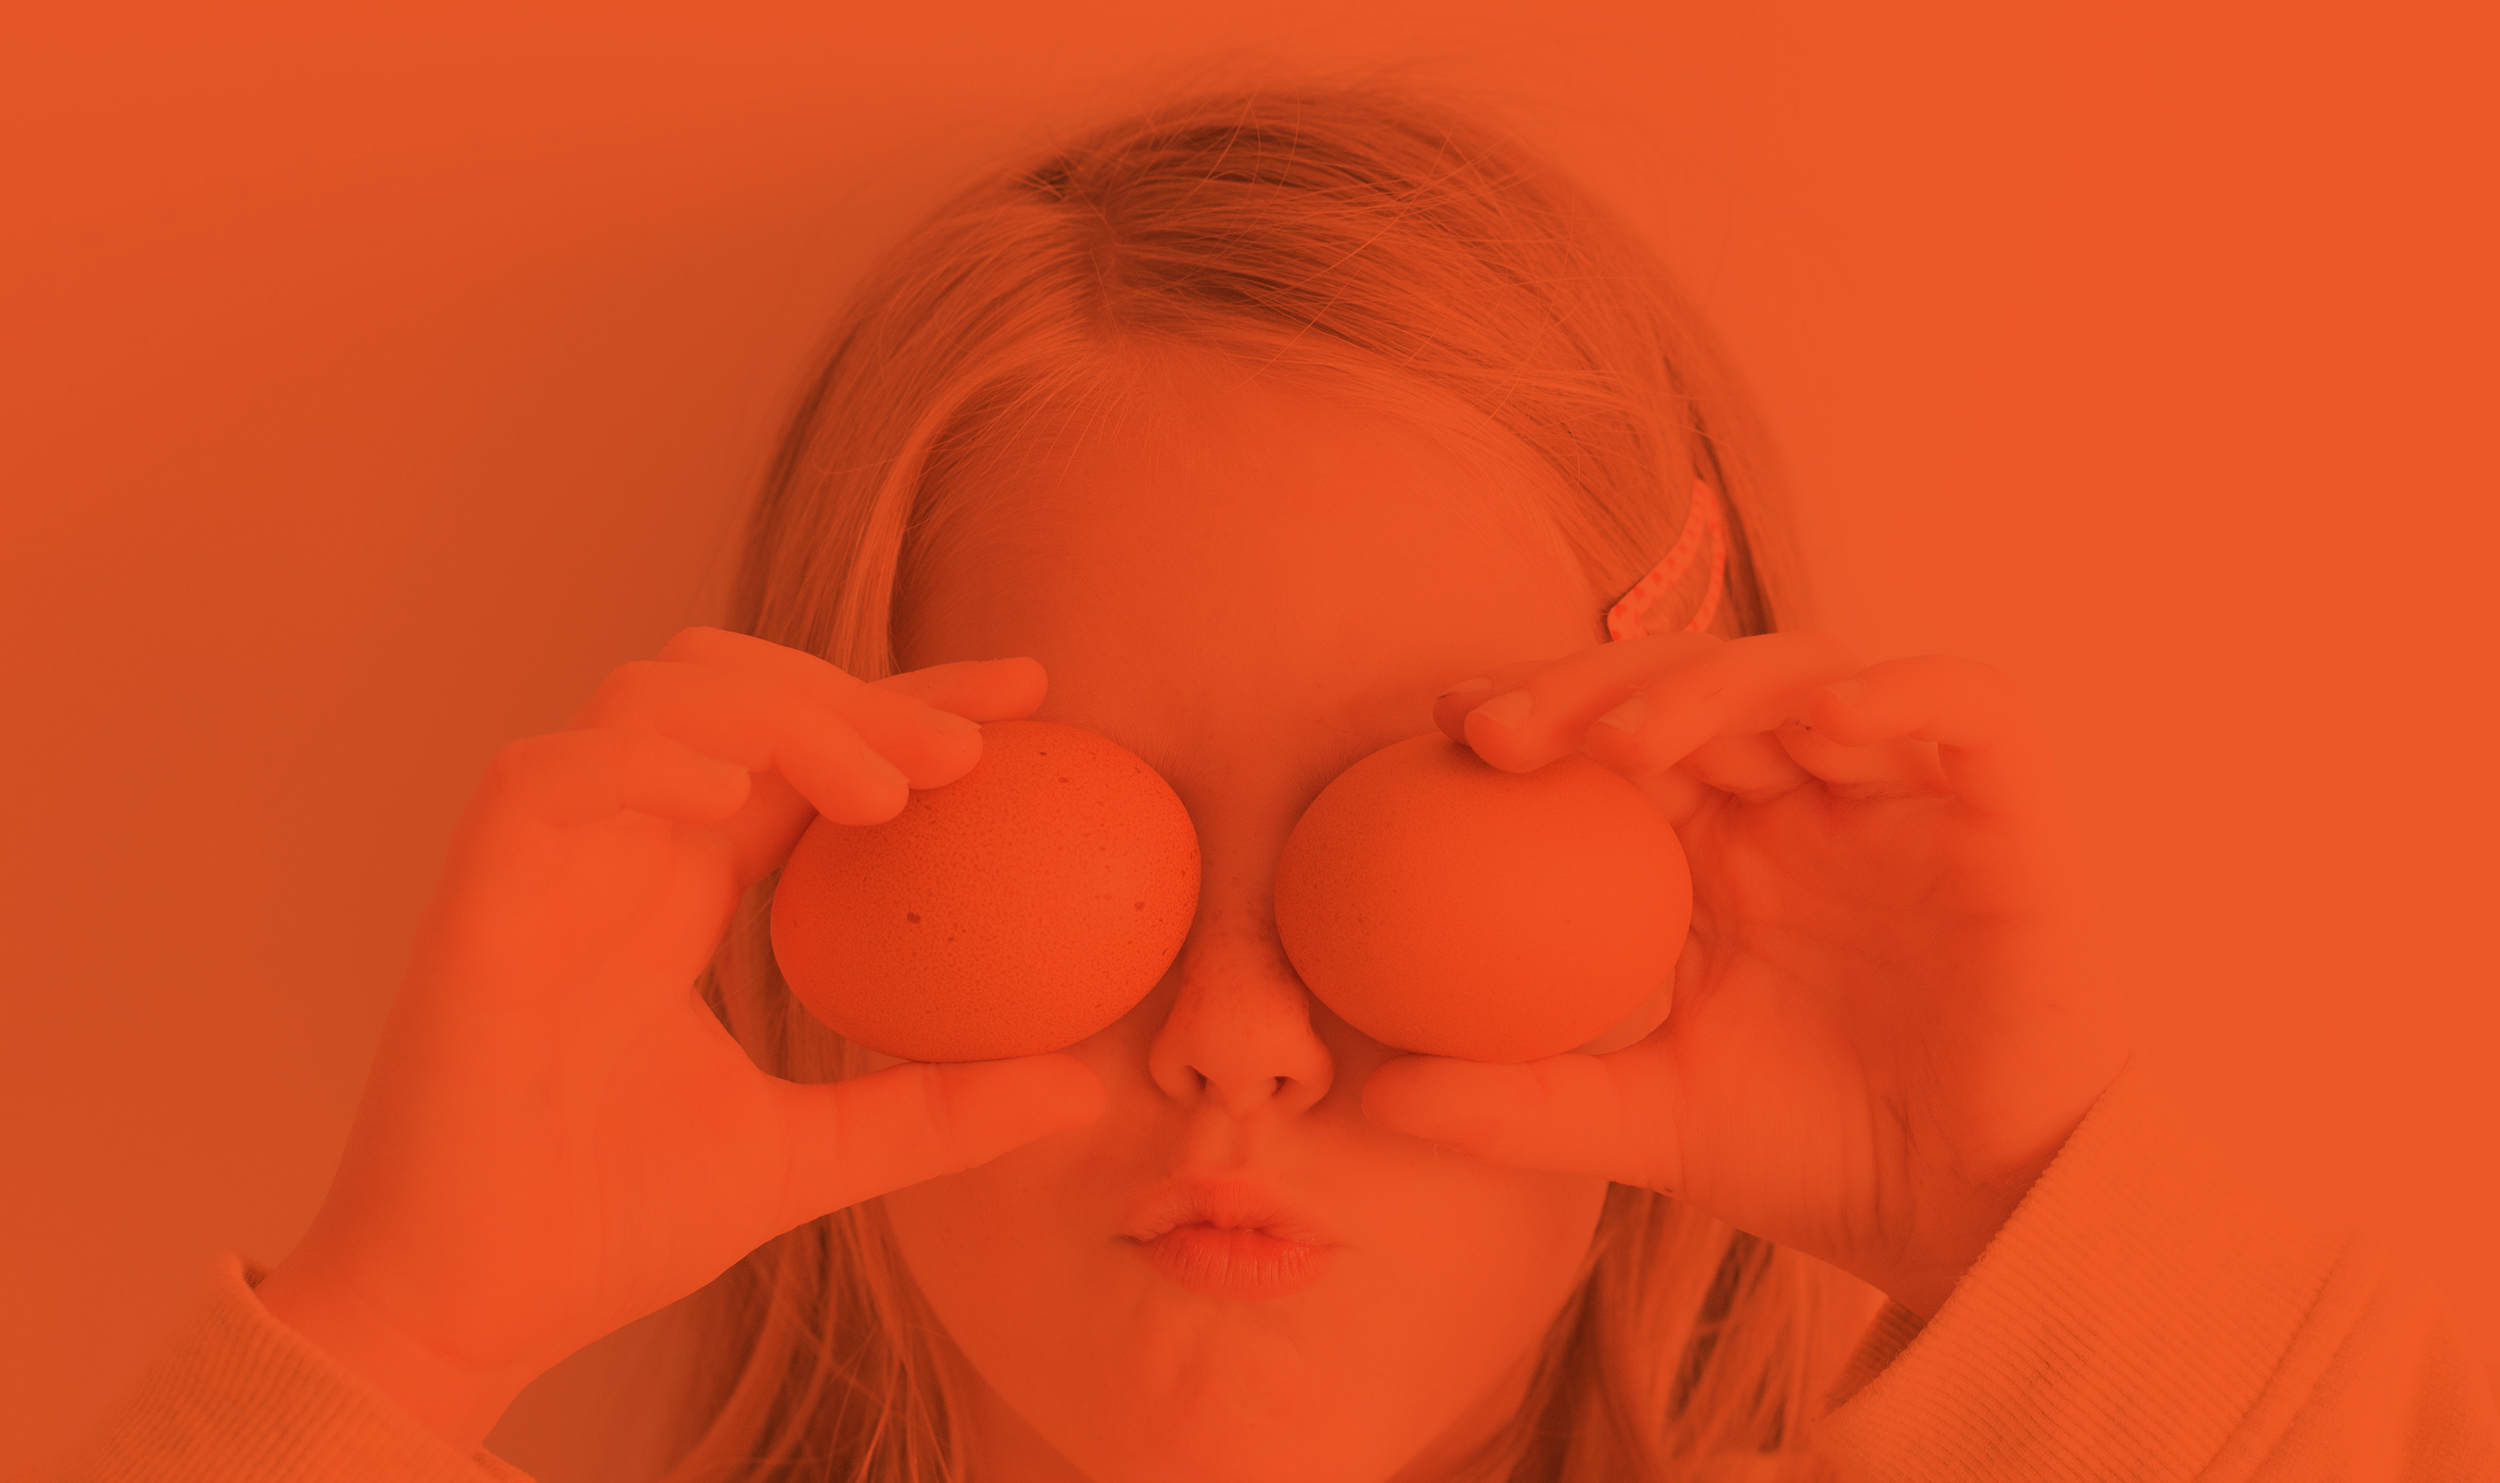 children-egg.jpg